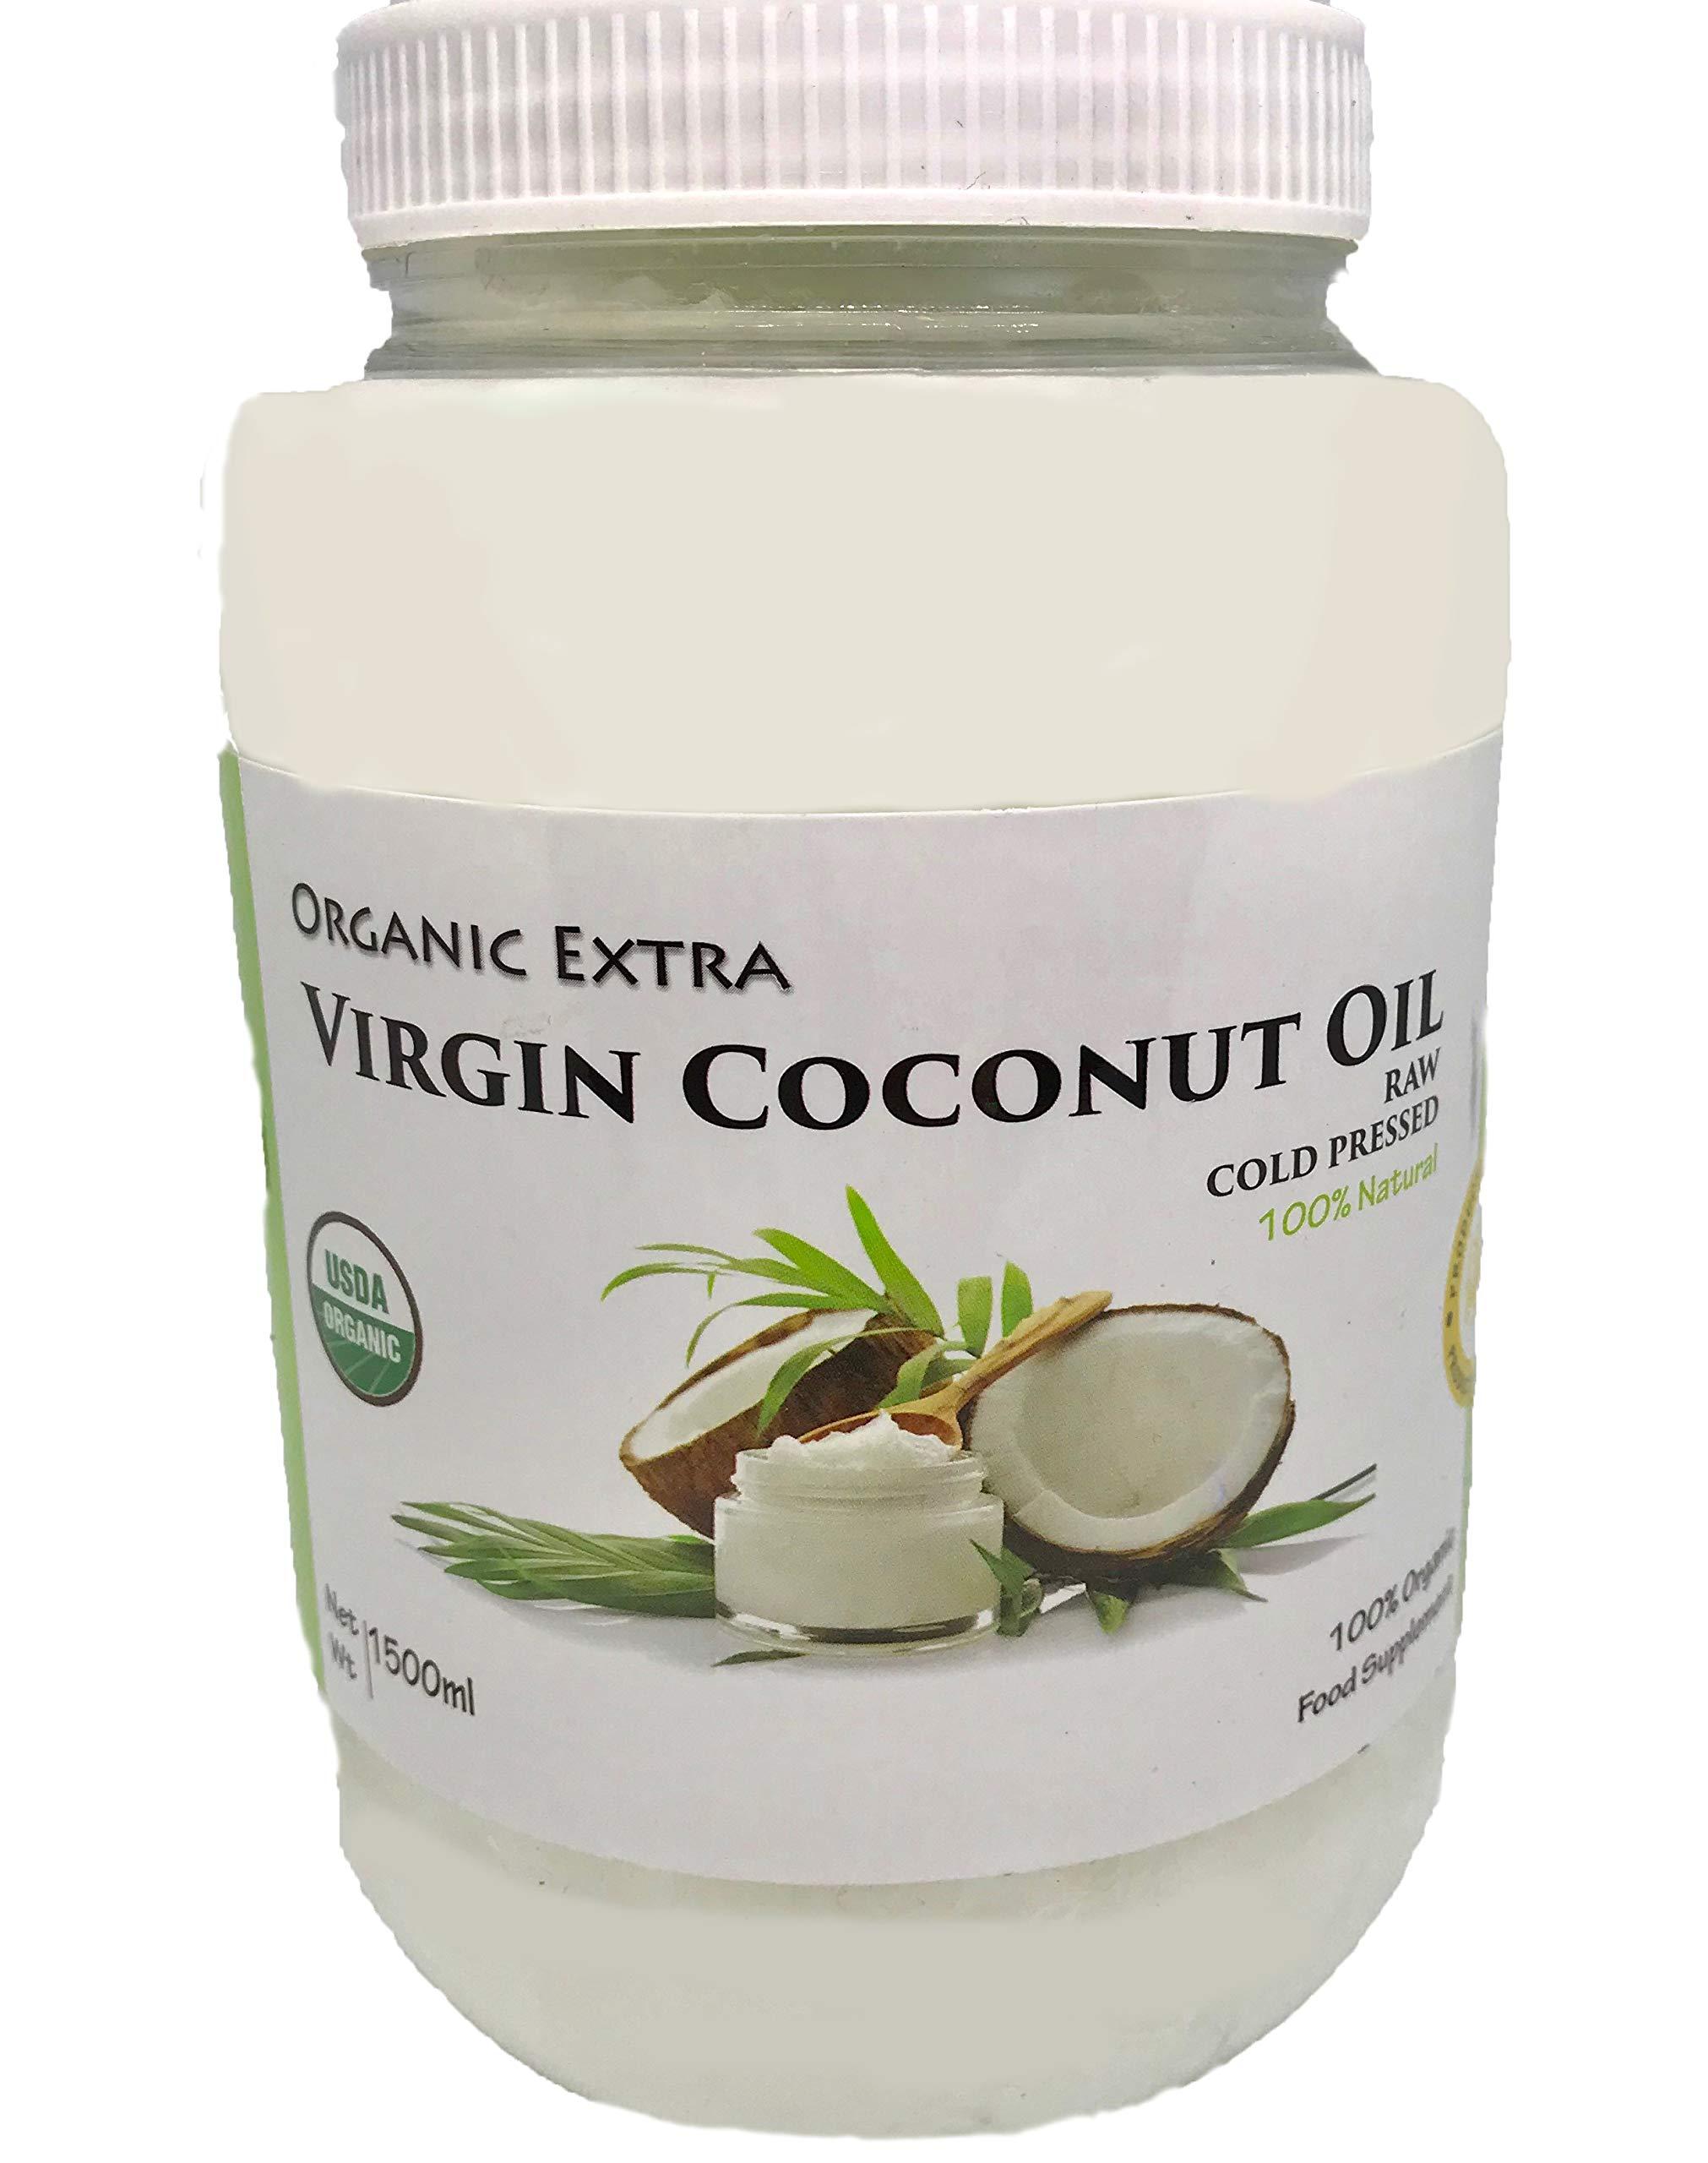 GOrganica Virgin Coconut Oil Unrefined Cold Pressed Raw (1.5L)